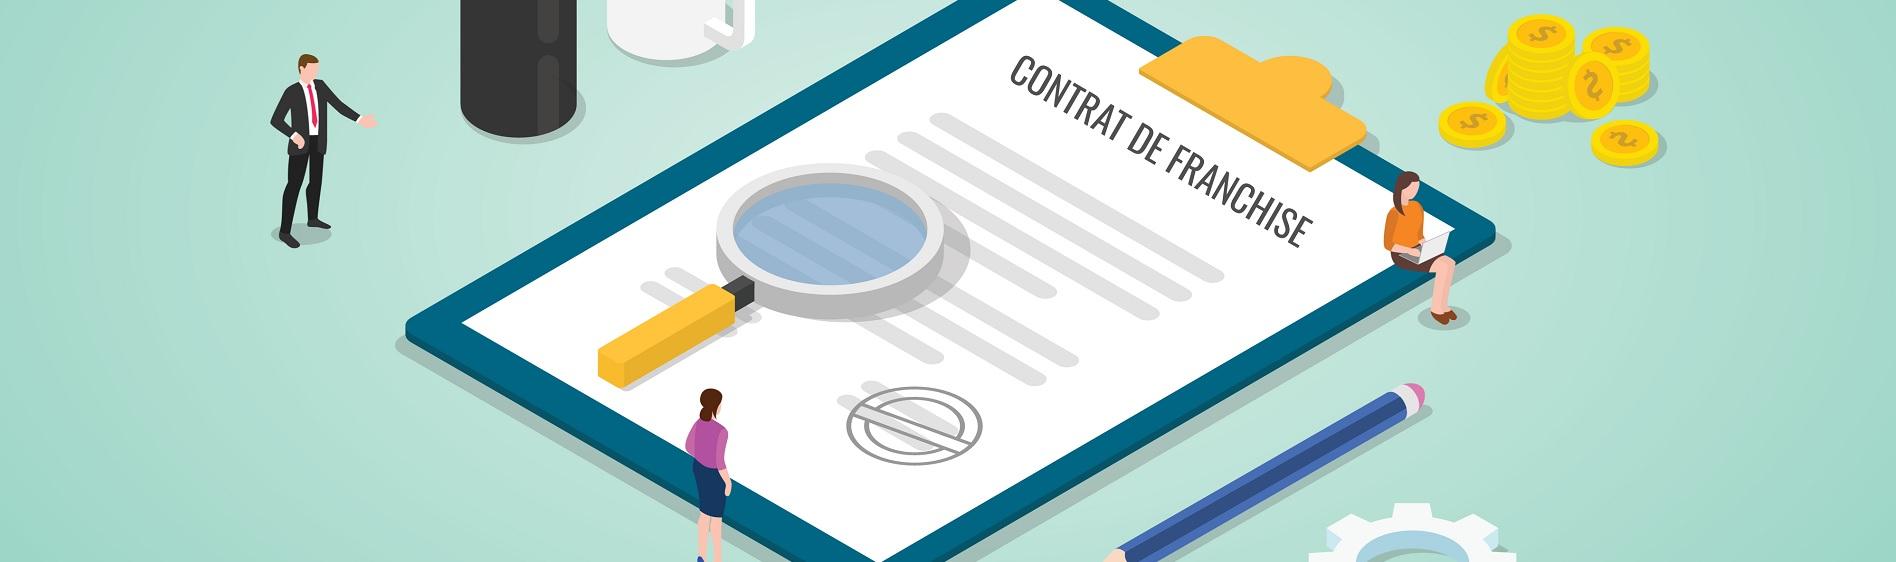 Comment bien lire mon contrat de franchise? [Infographie]